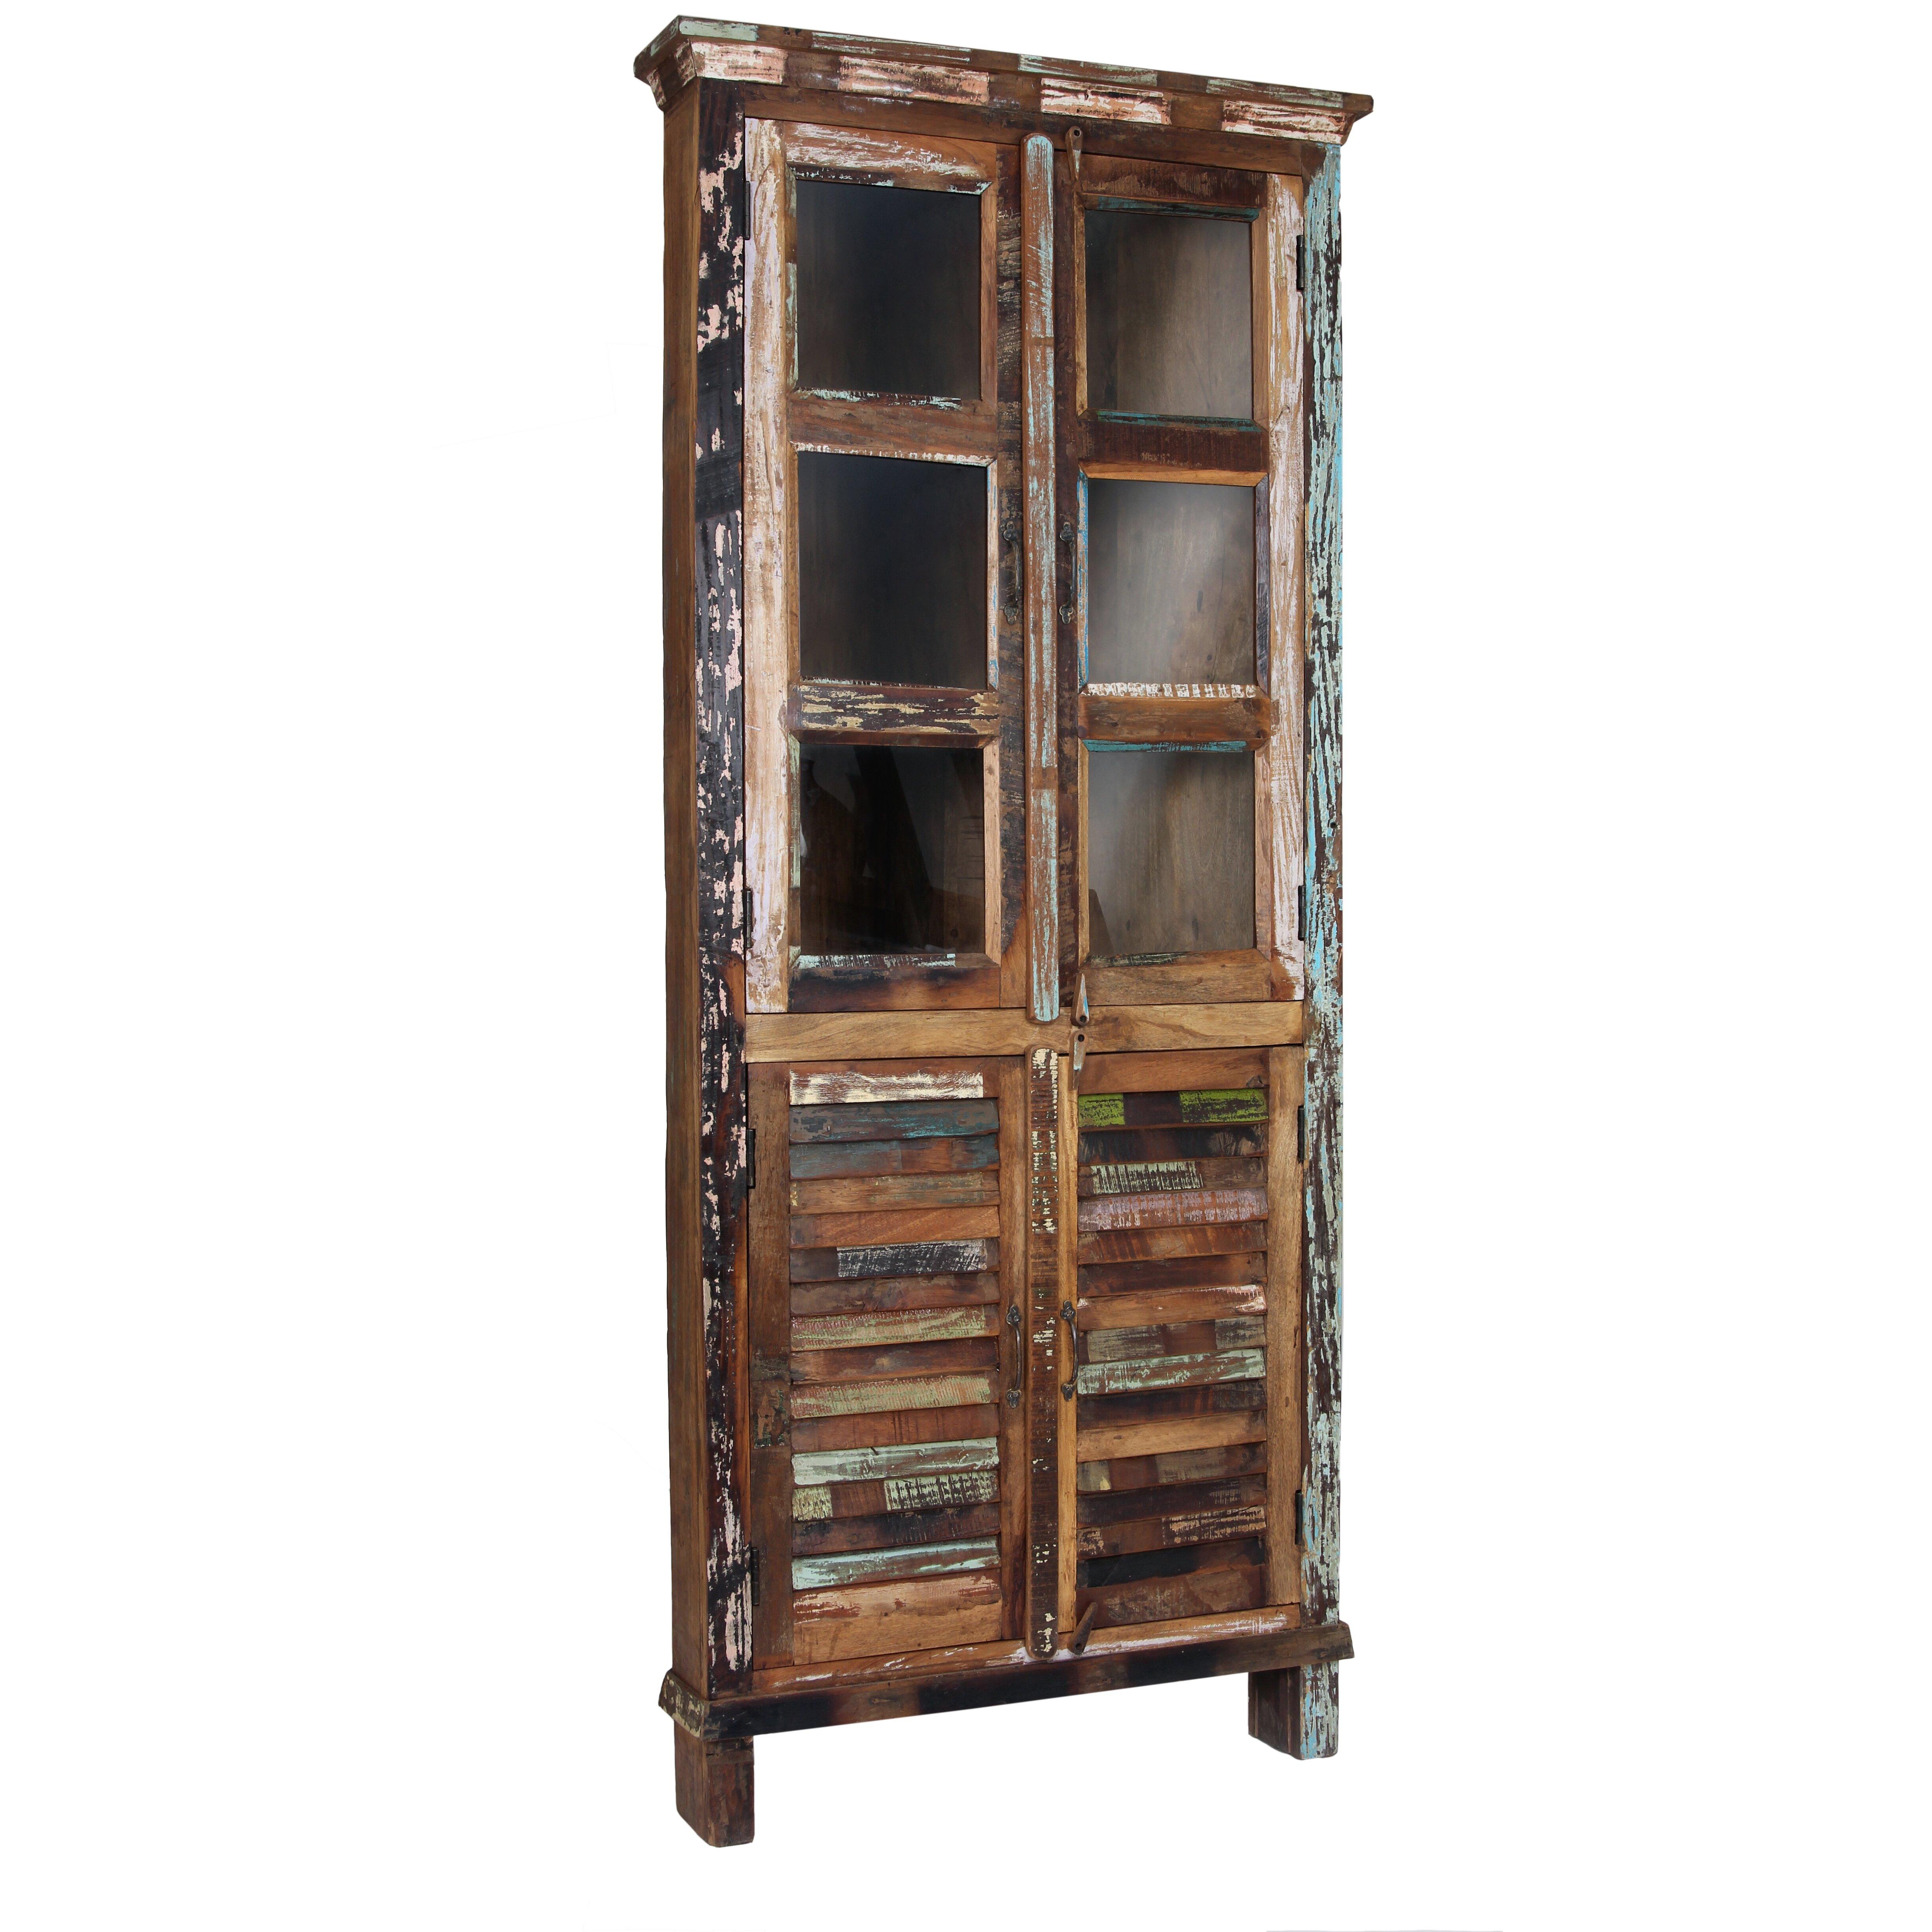 Tall Slim Storage Cabinet Book Shelf Storage Cabinet Accent Bookcase Bookshelf Hidden 18 White